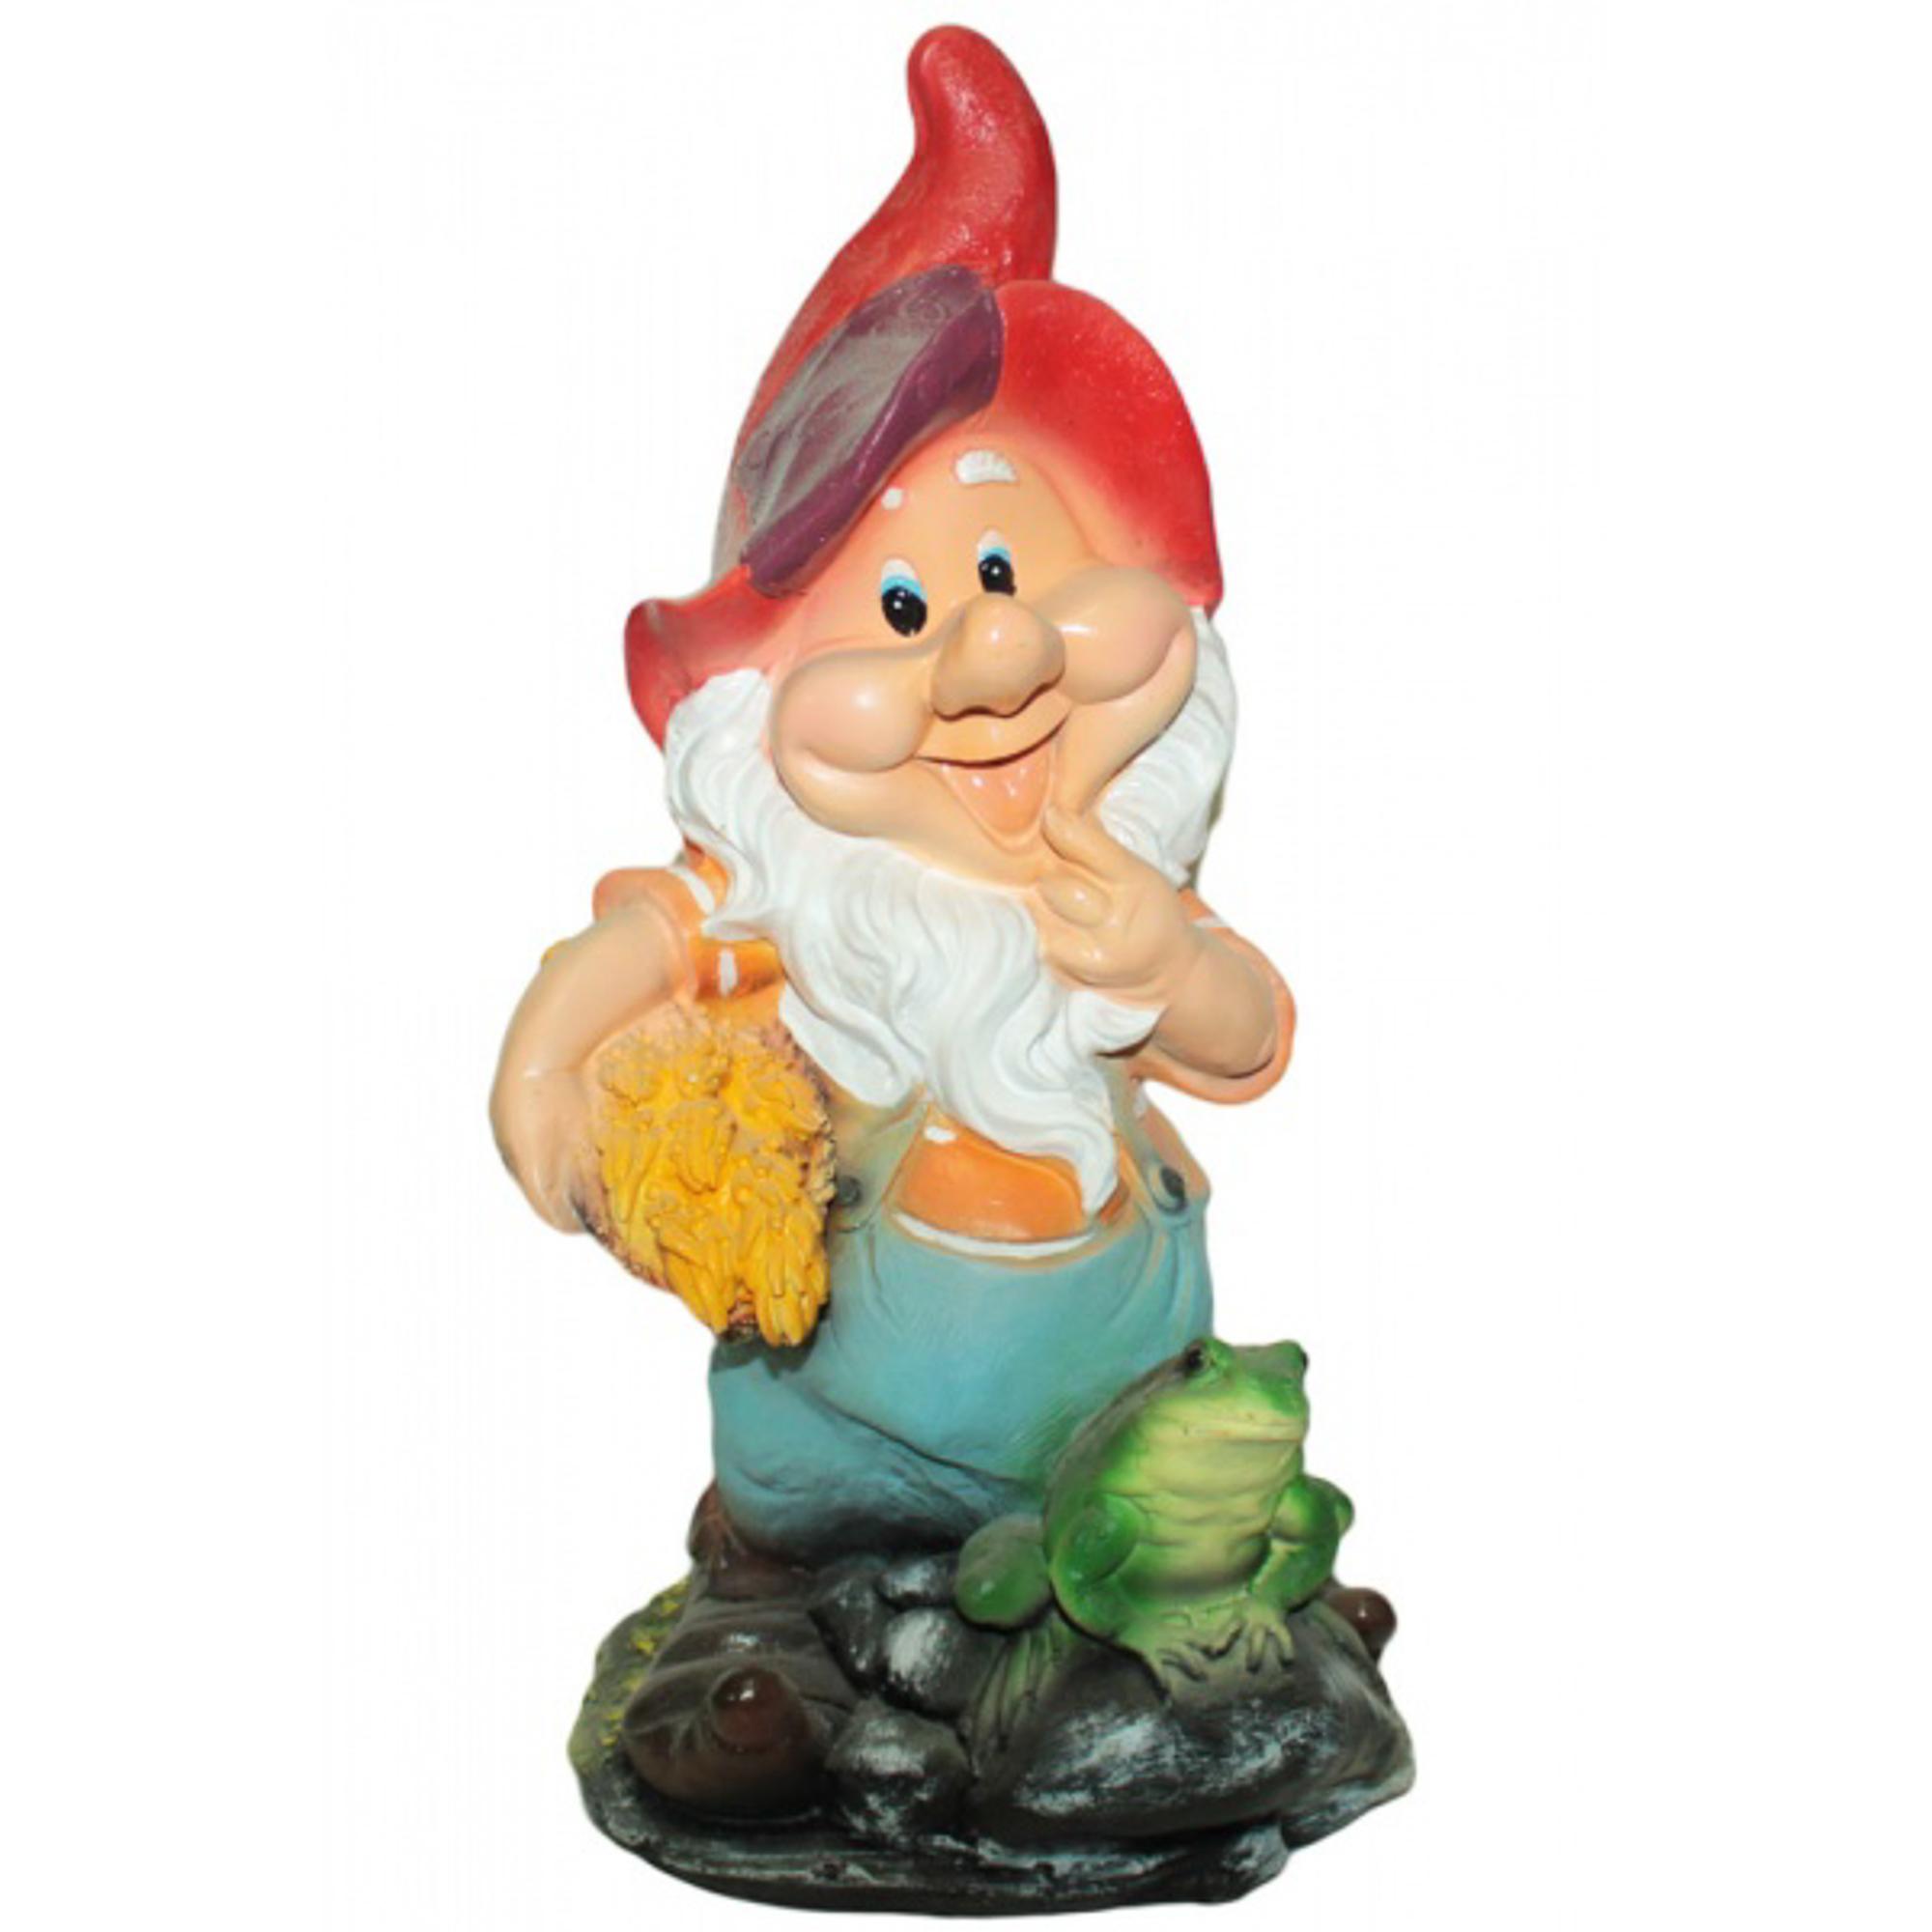 Фигура садовая Гномик с лягушкой на камне Тпк полиформ